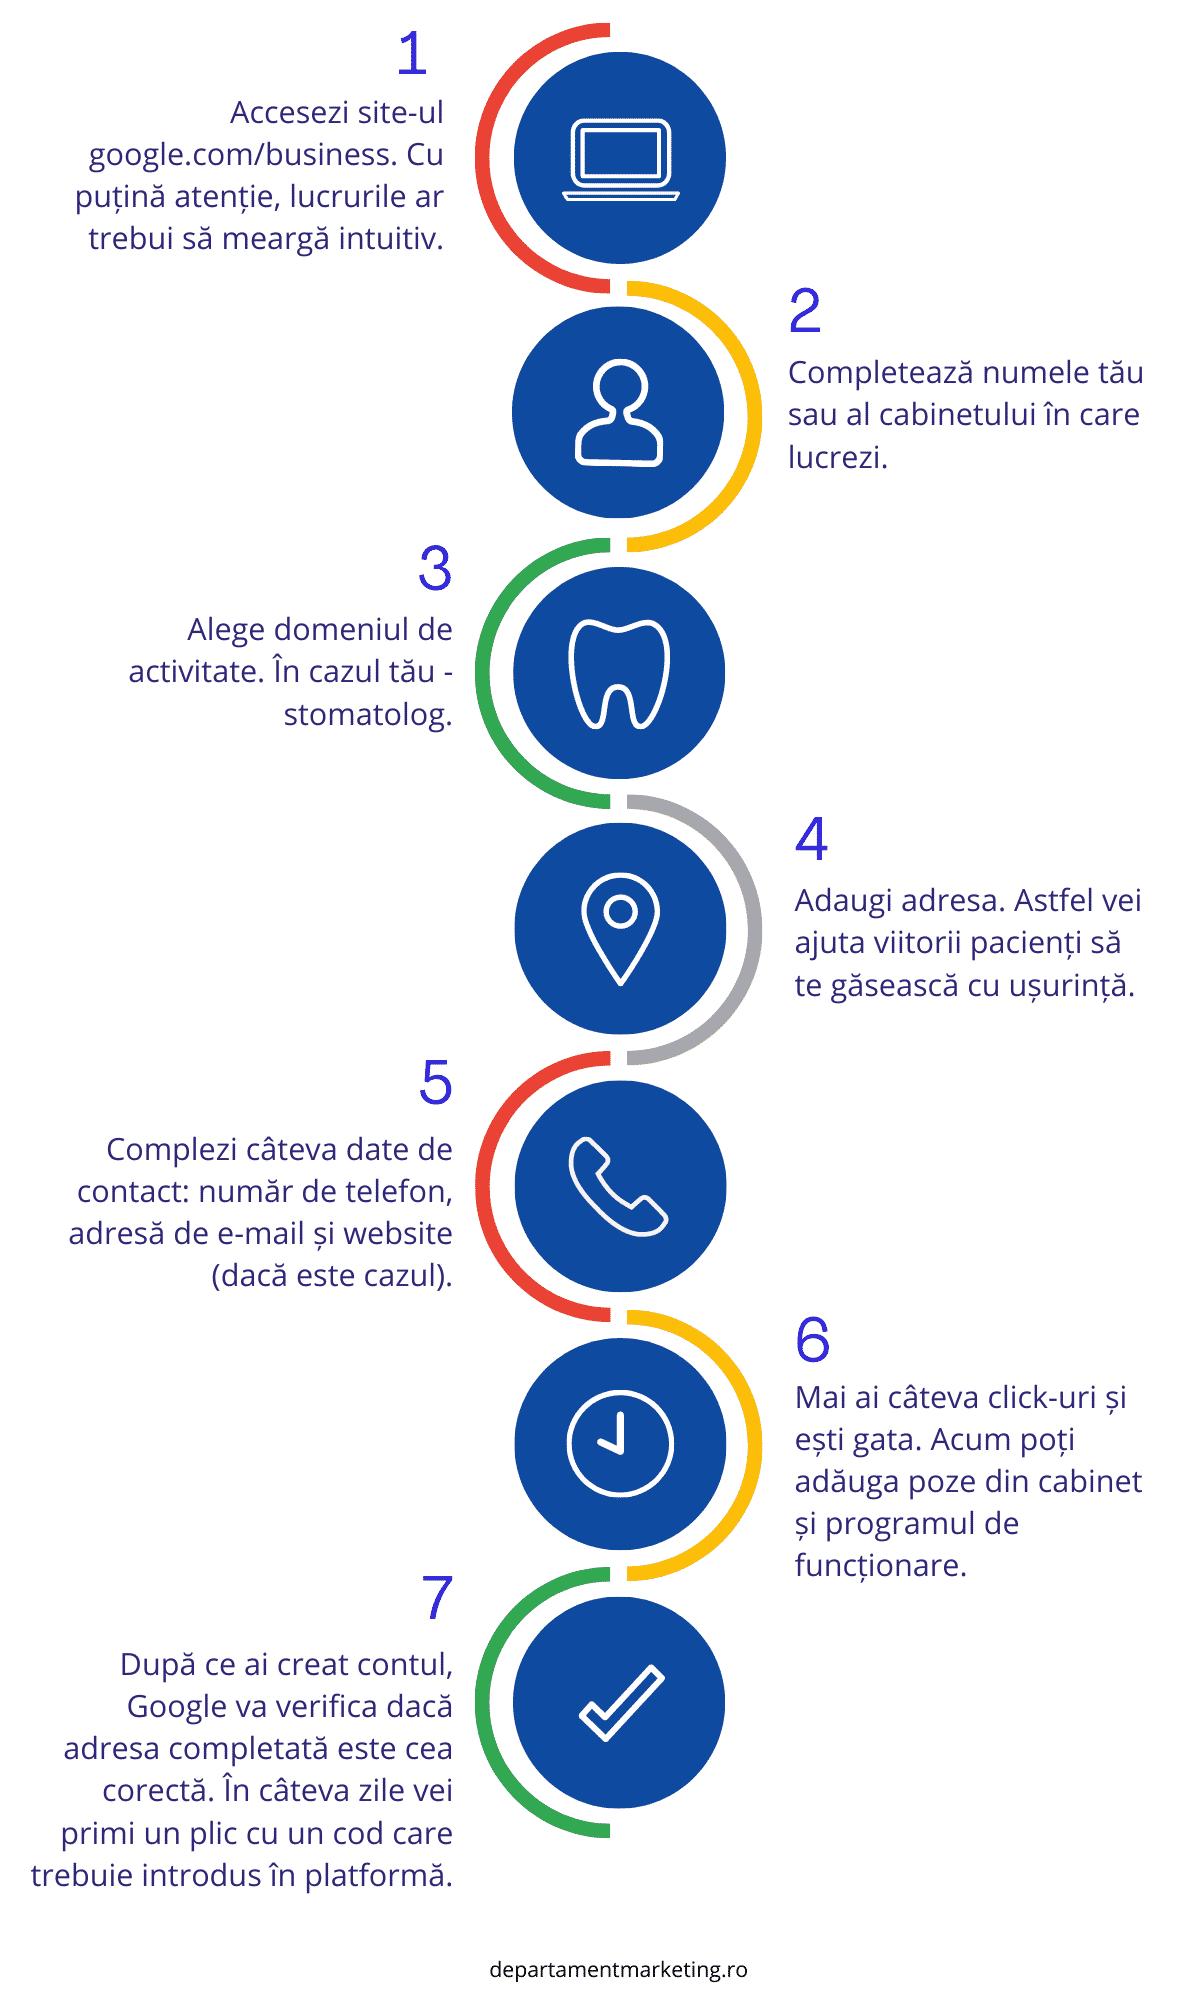 Idei de marketing pentru dentisti - creare cont pe Google MyBusiness pentru a pune cabinetul stomatologic pe harta